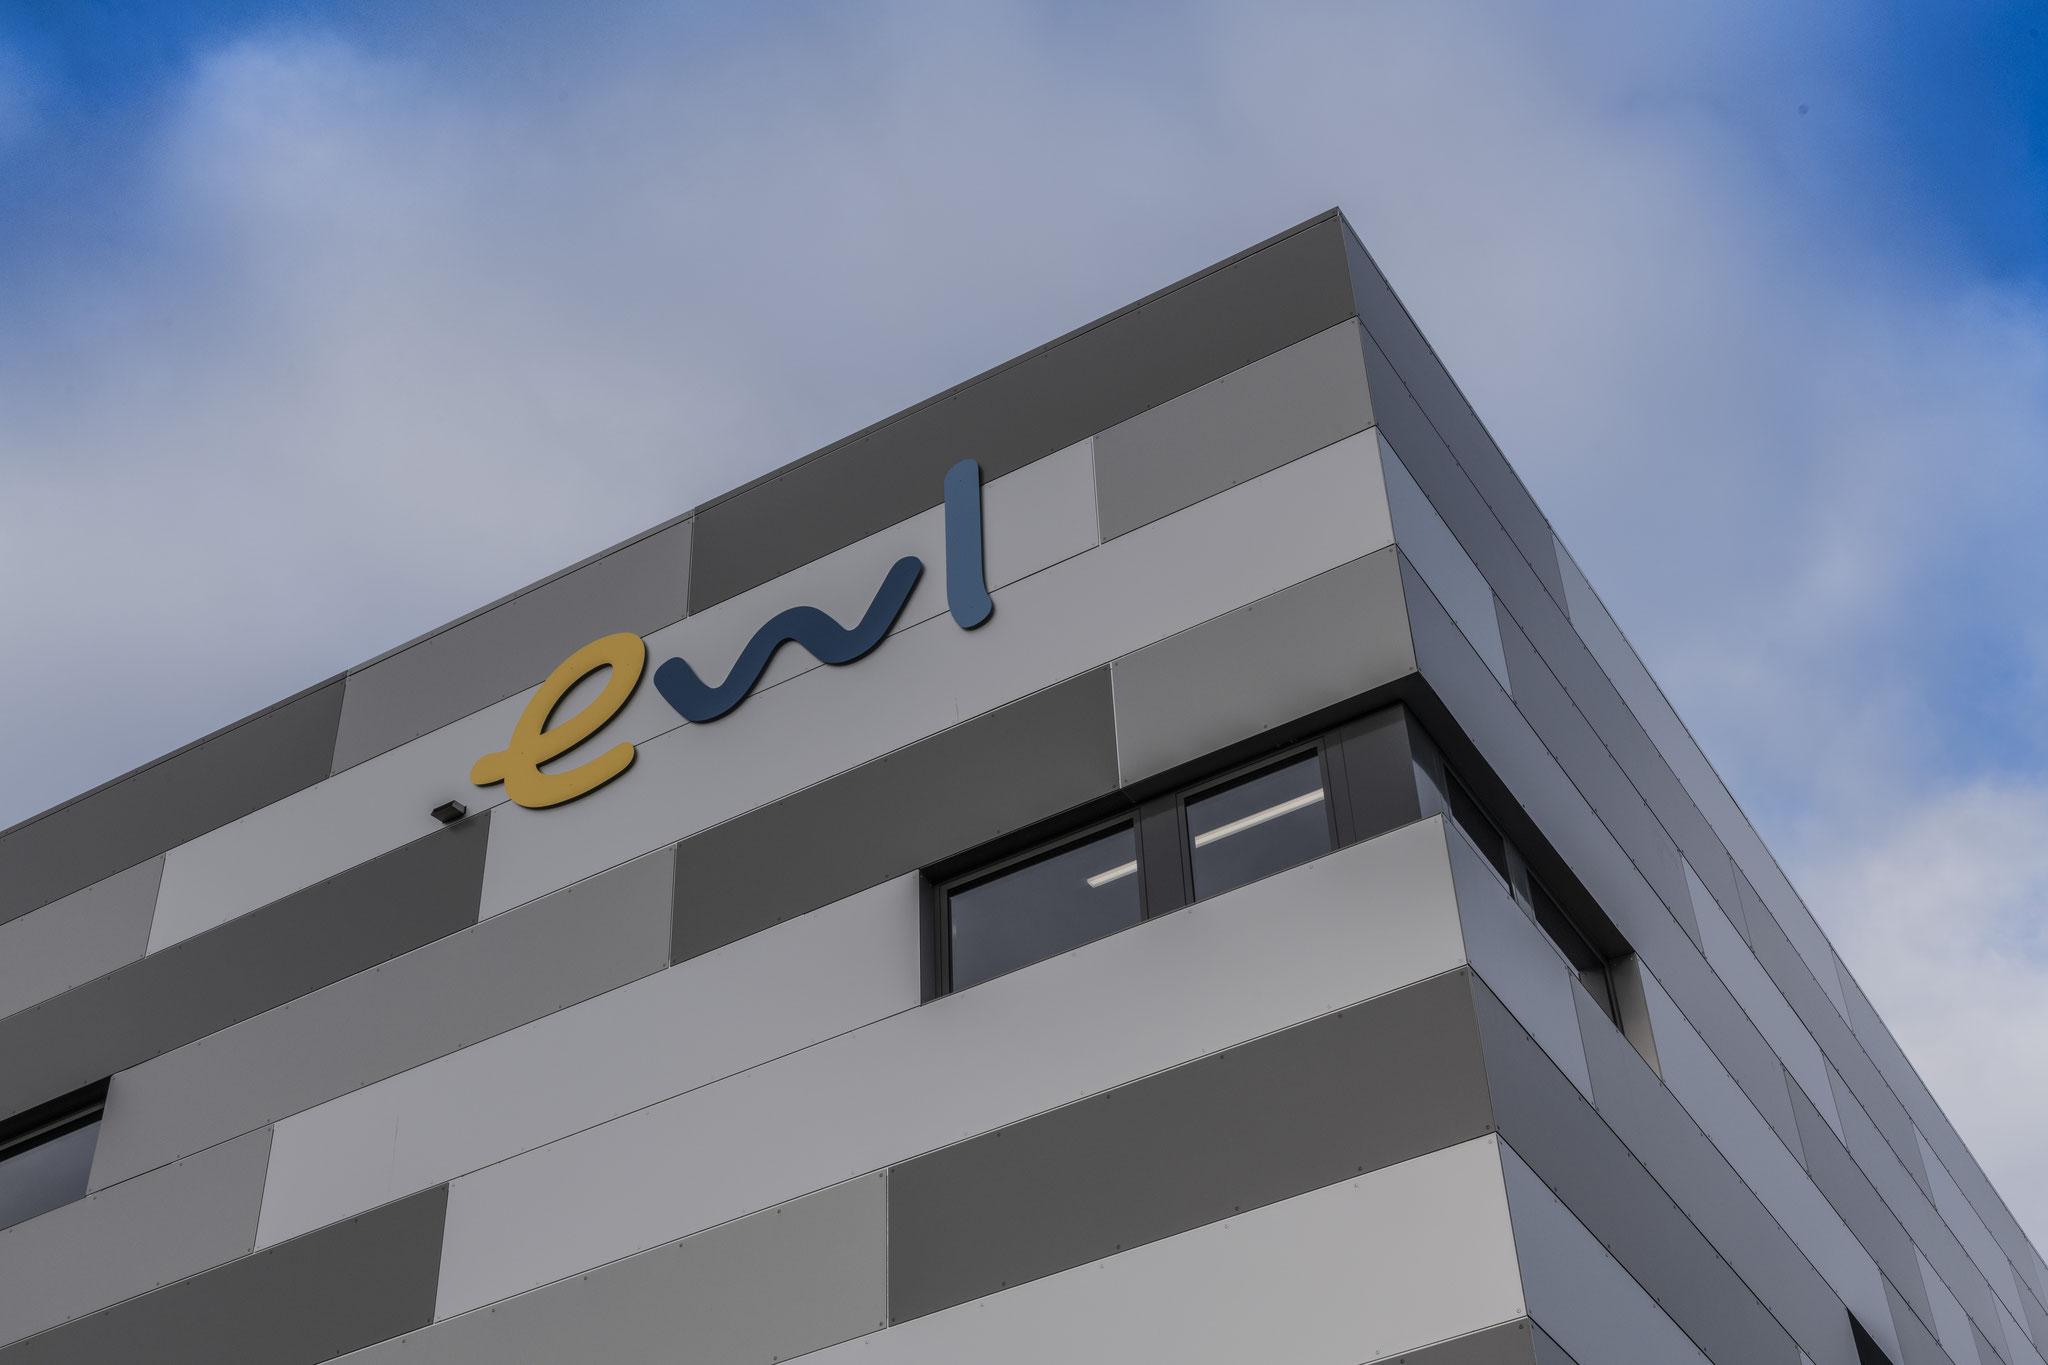 Fassadenbeschriftung ewl Luzern mit Metallbuchstaben